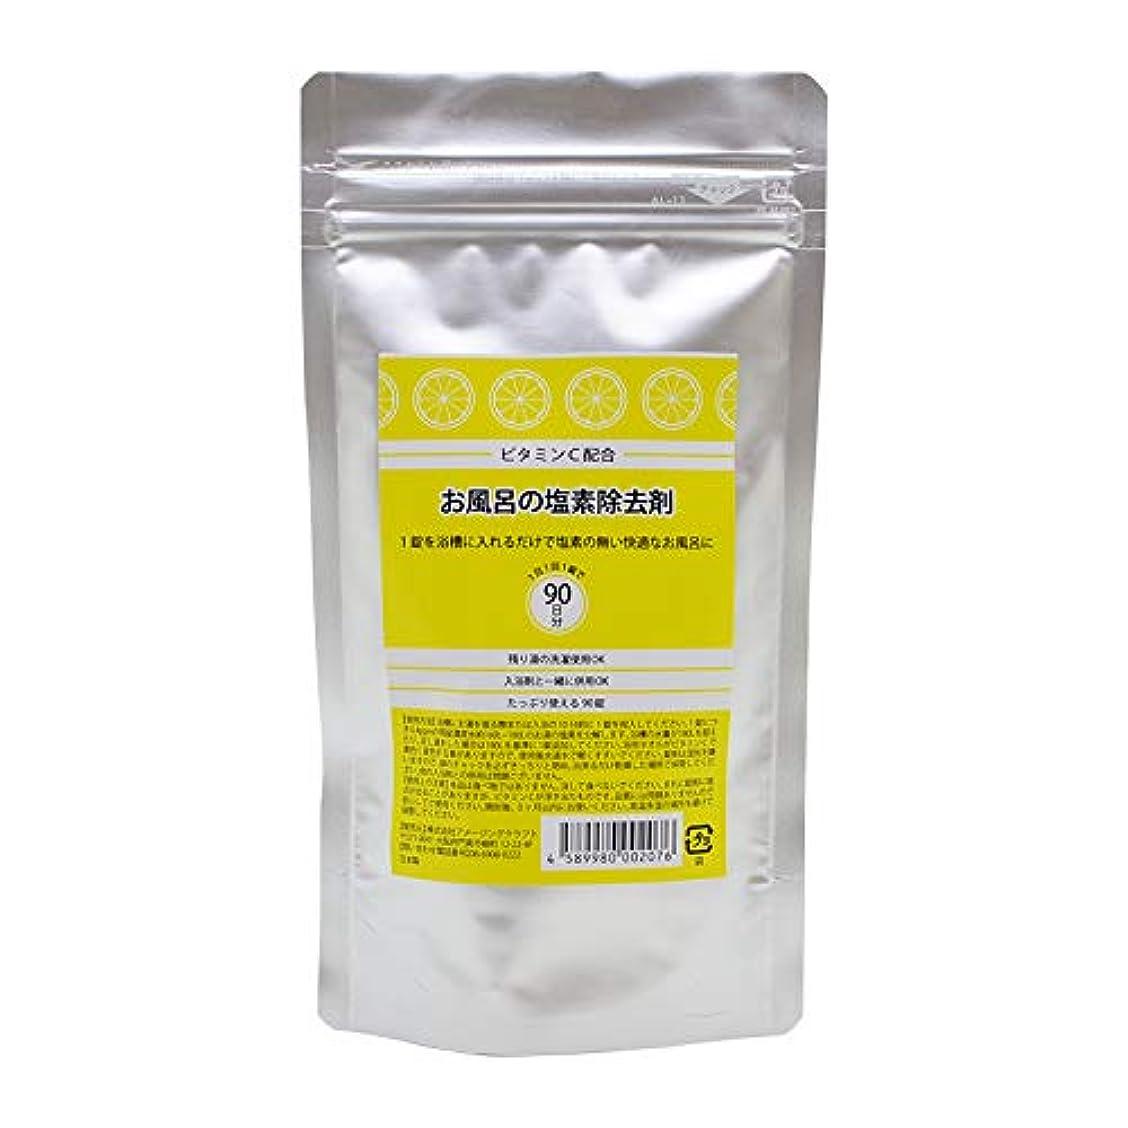 付ける隔離する指標ビタミンC配合 お風呂の塩素除去剤 錠剤タイプ 90錠 浴槽用脱塩素剤